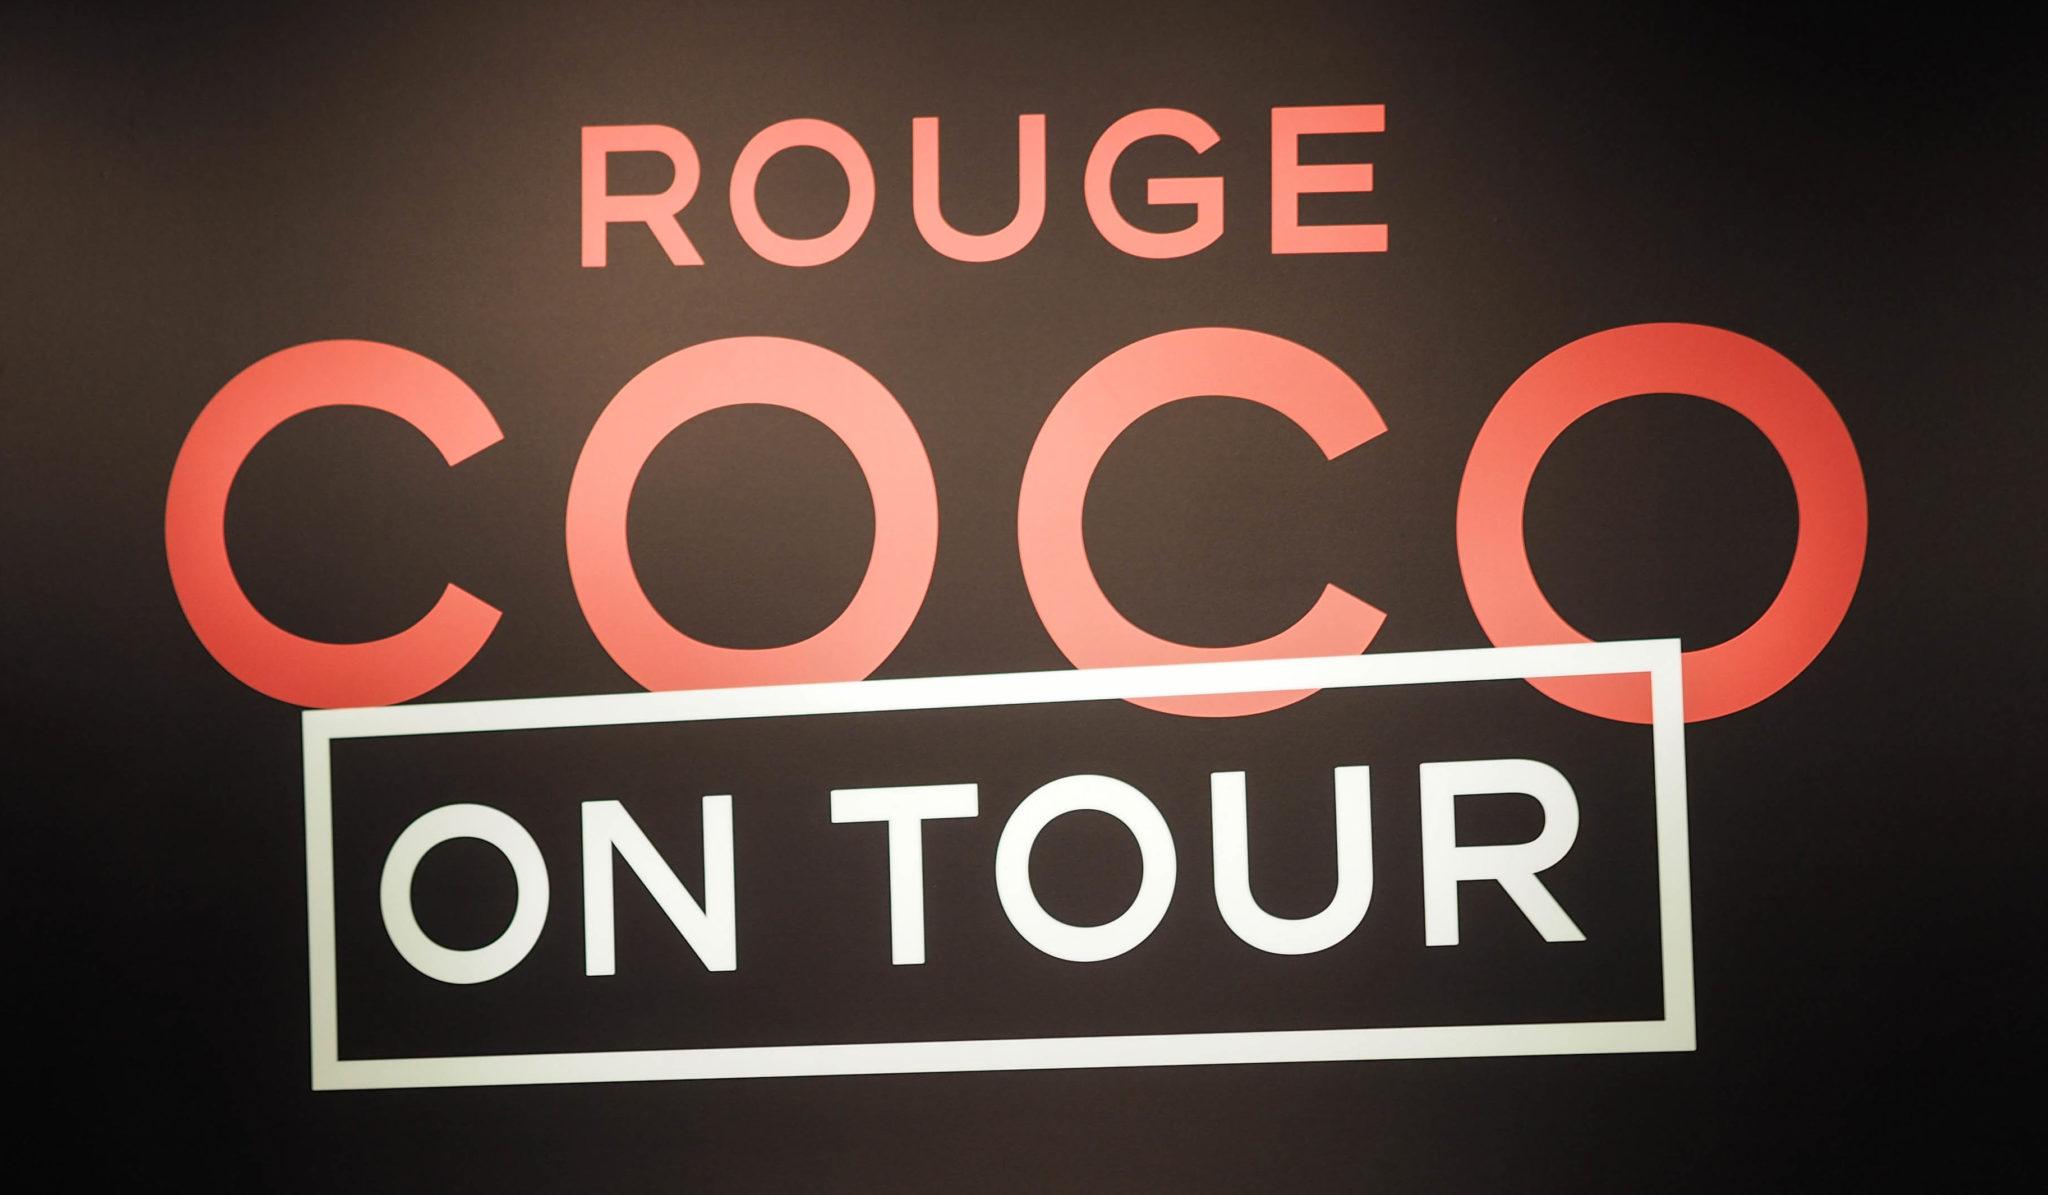 CHANEL Rouge Coco on tour Calvi Corse Esprit de Gabrielle jeronimodiparigi-dev-esprit-de-gabrielle.pf1.wpserveur.net